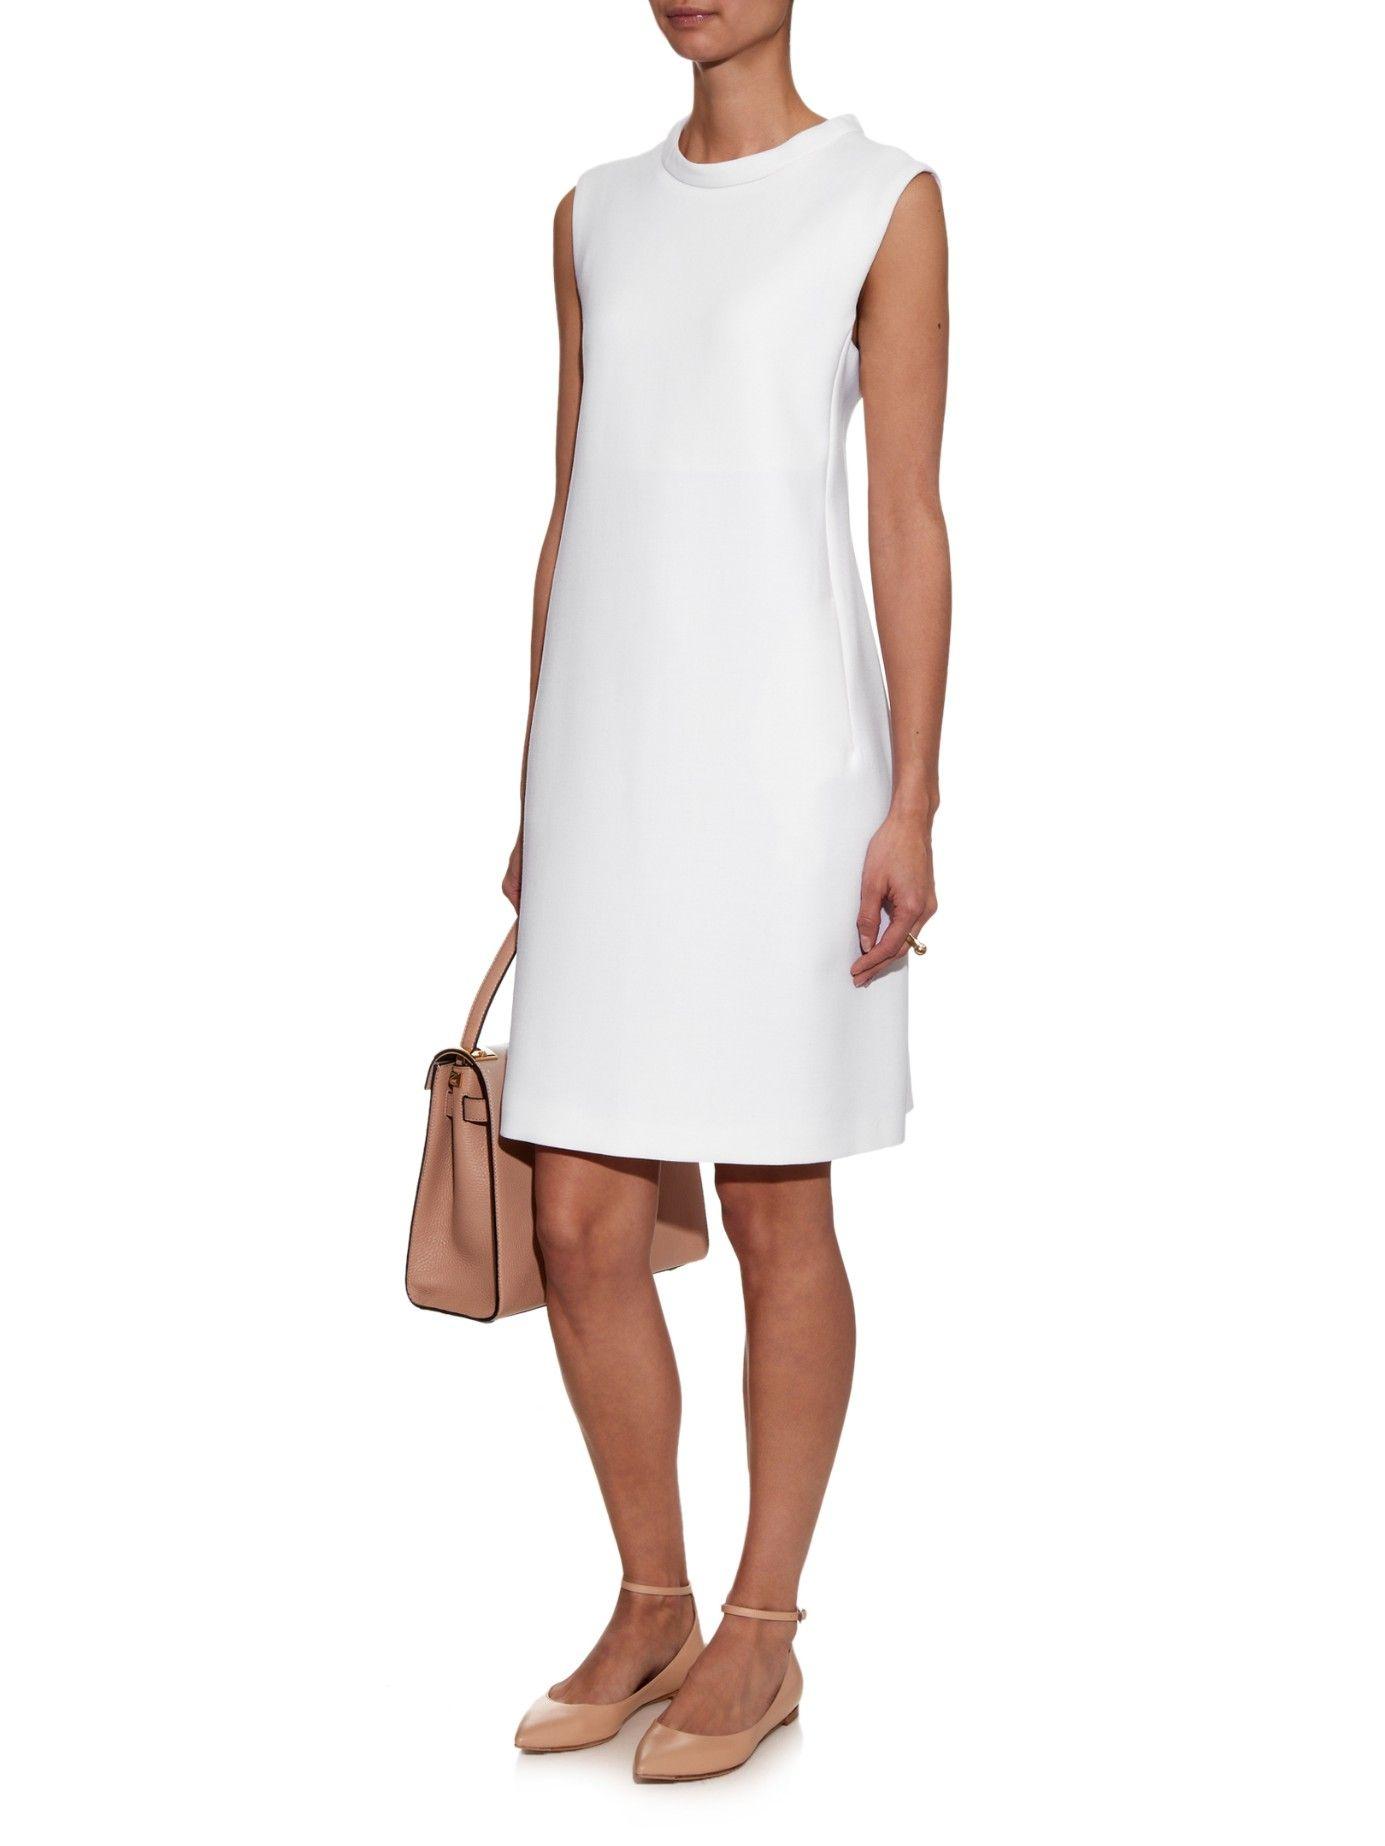 6eceb214404a Vicini dress